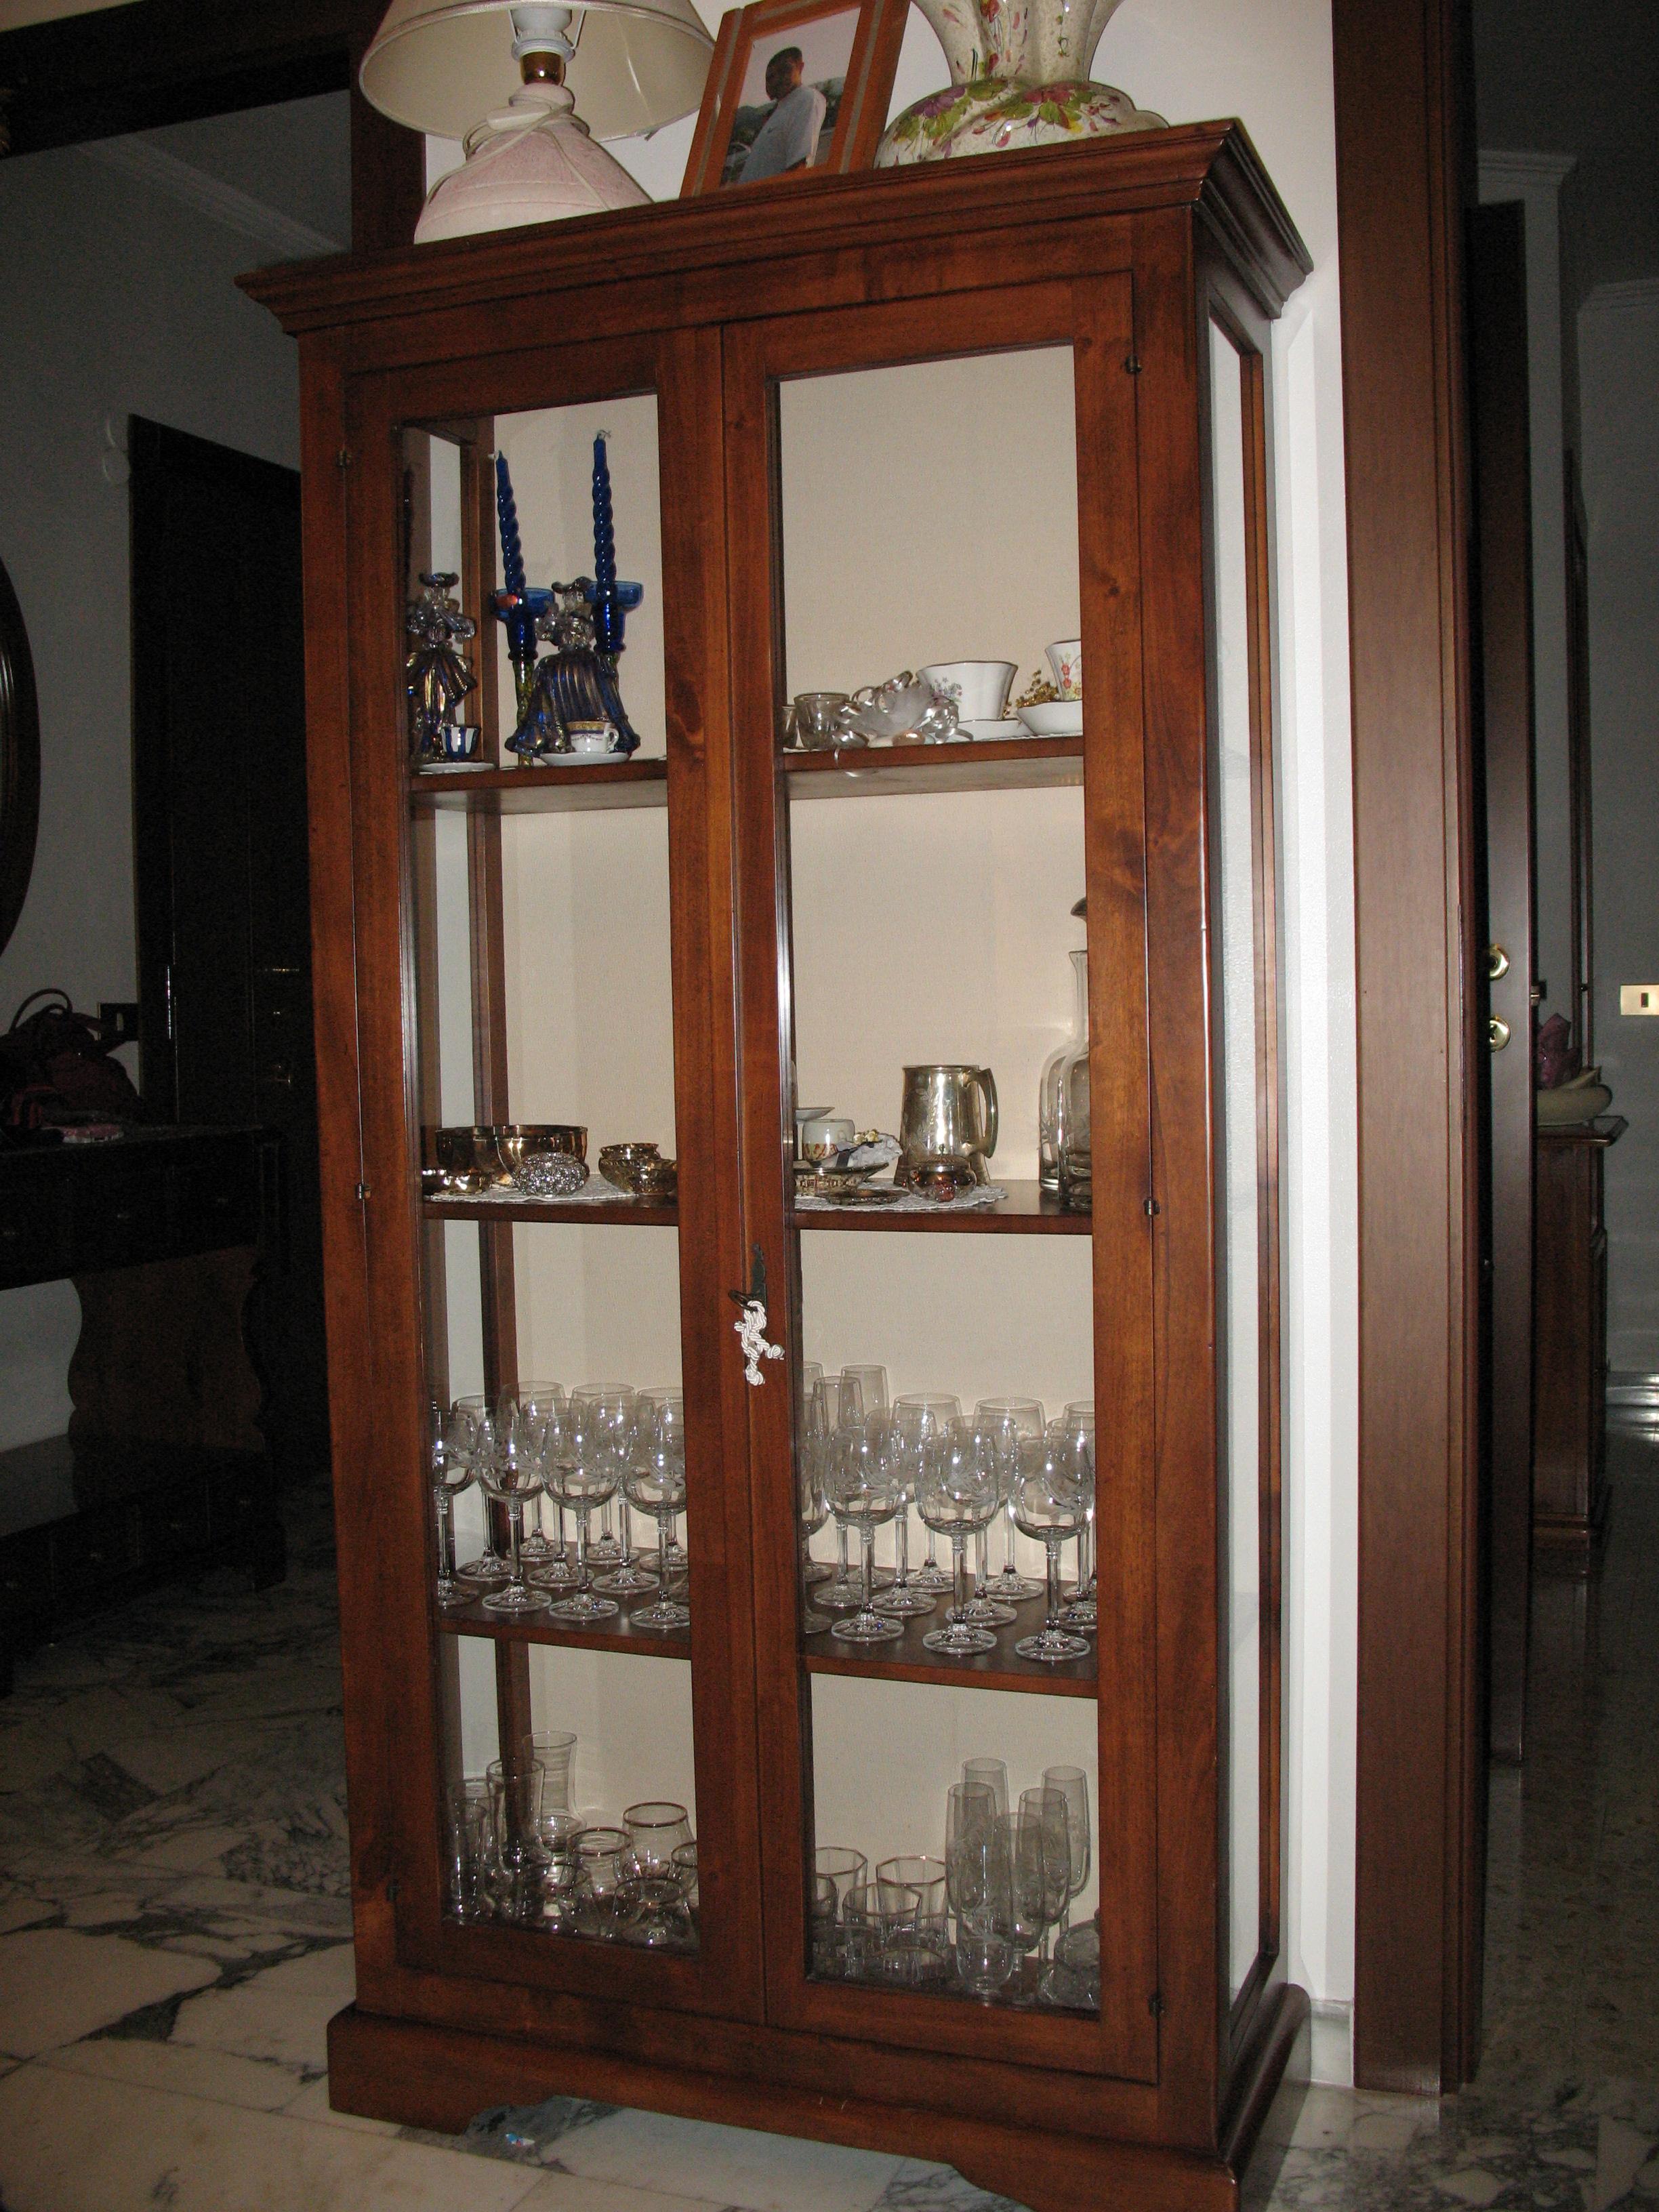 Immagine 46 54 la falegnameria for Vetrinetta bassa arte povera